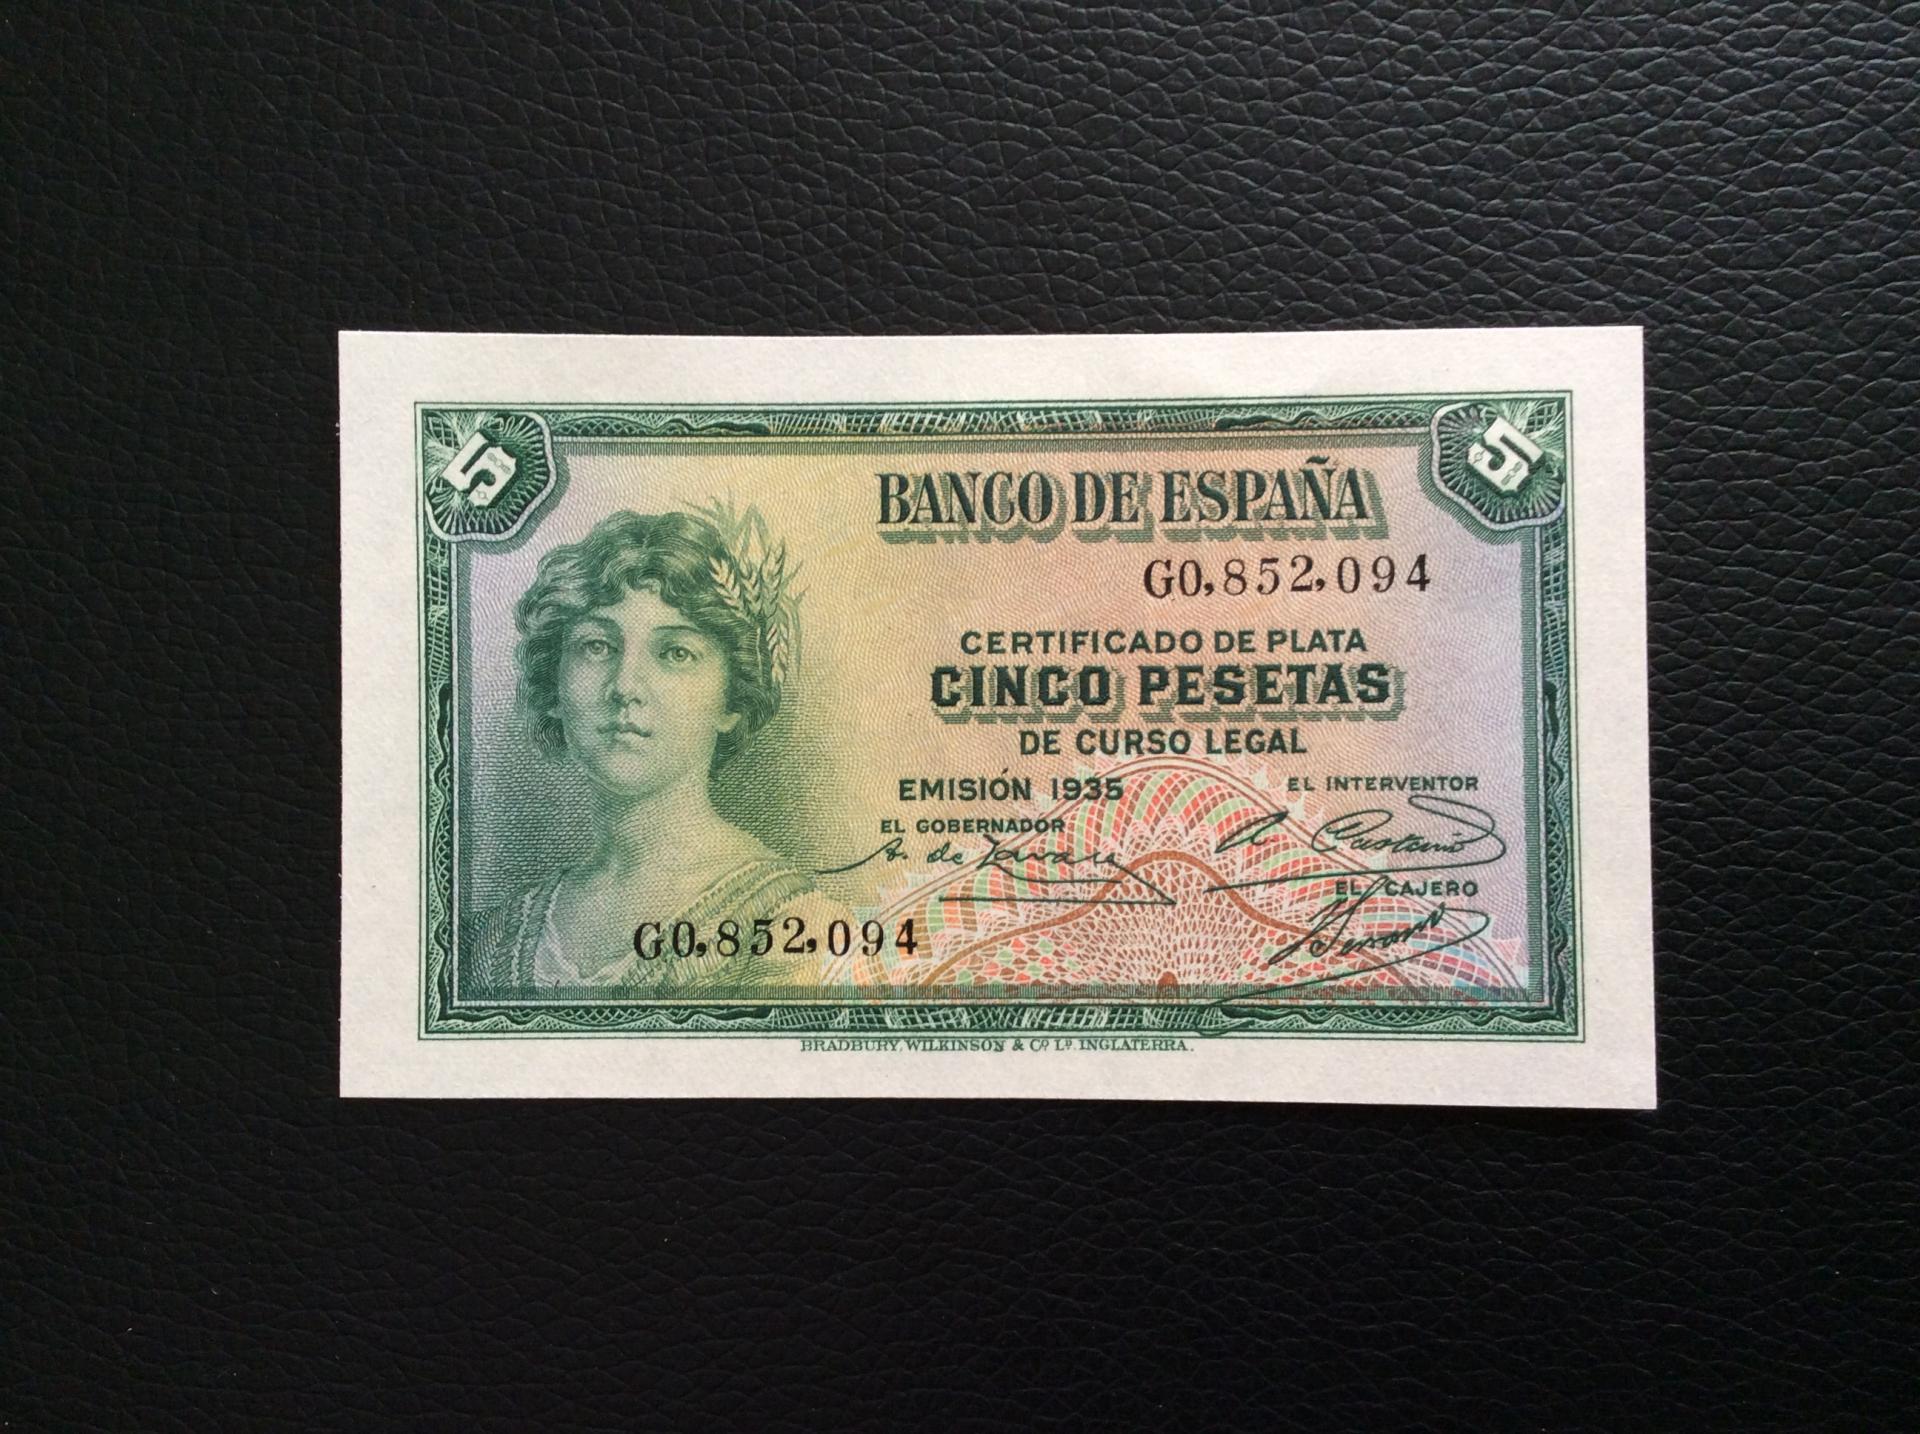 5 PESETAS 1935 - REPUBLICA ESPAÑOLA - PLANCHA